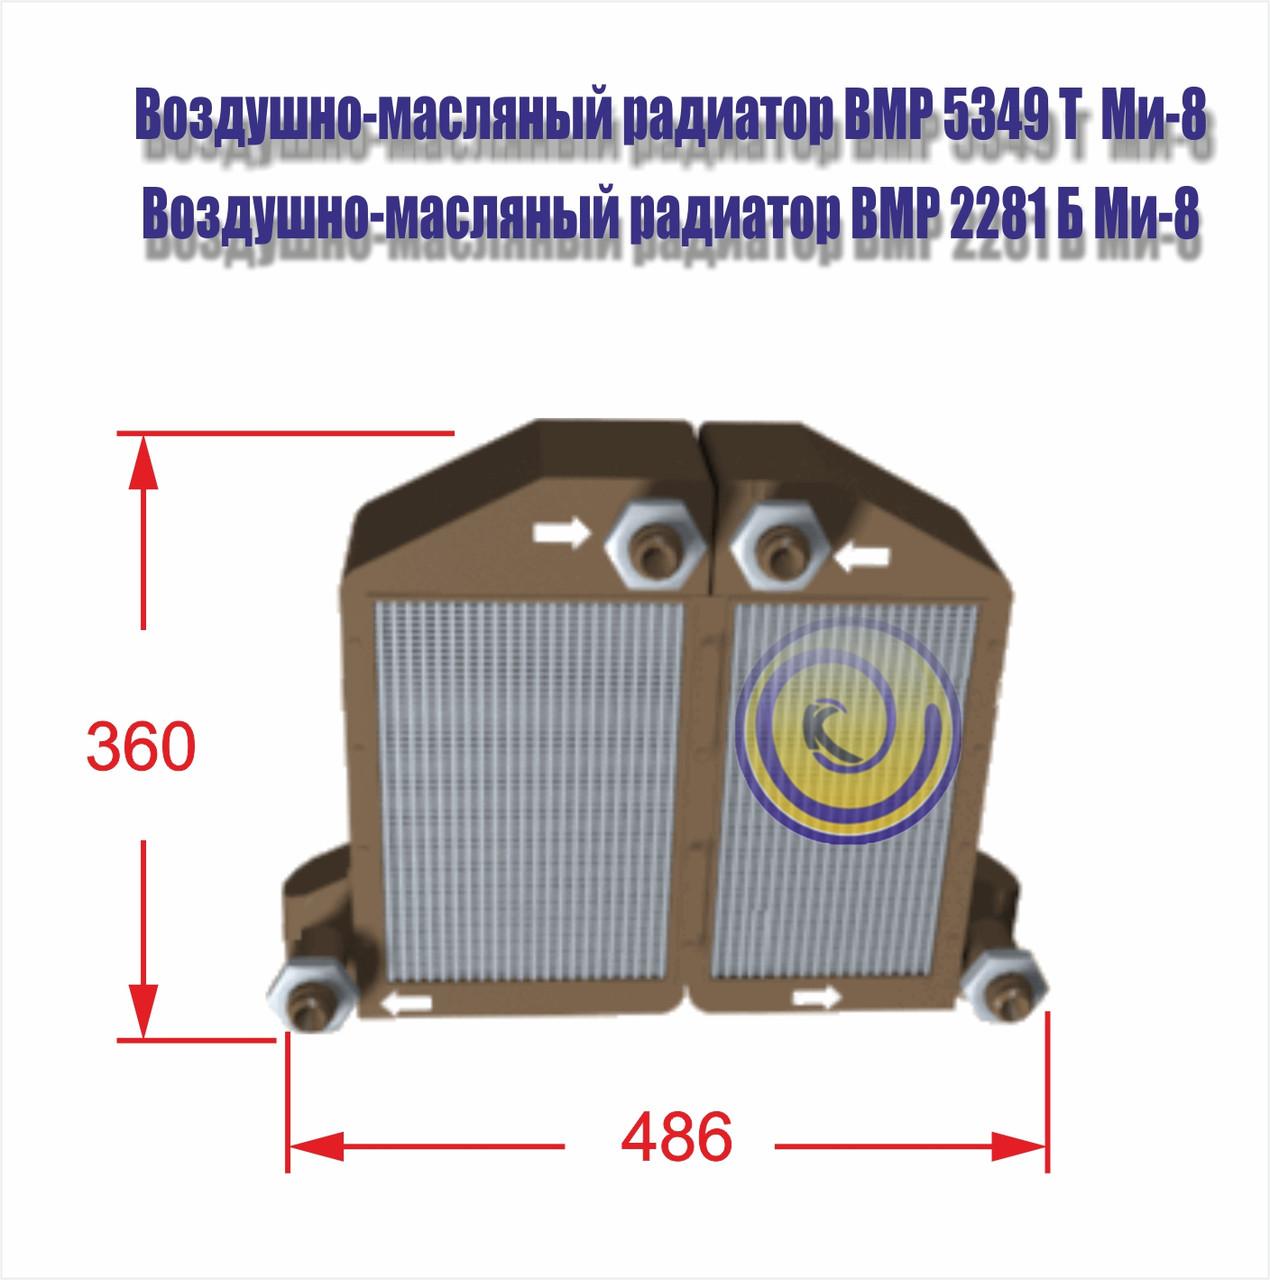 Воздушно-масляный радиатор вмр 5349 т ( вмр 2281 б ) Ми-8